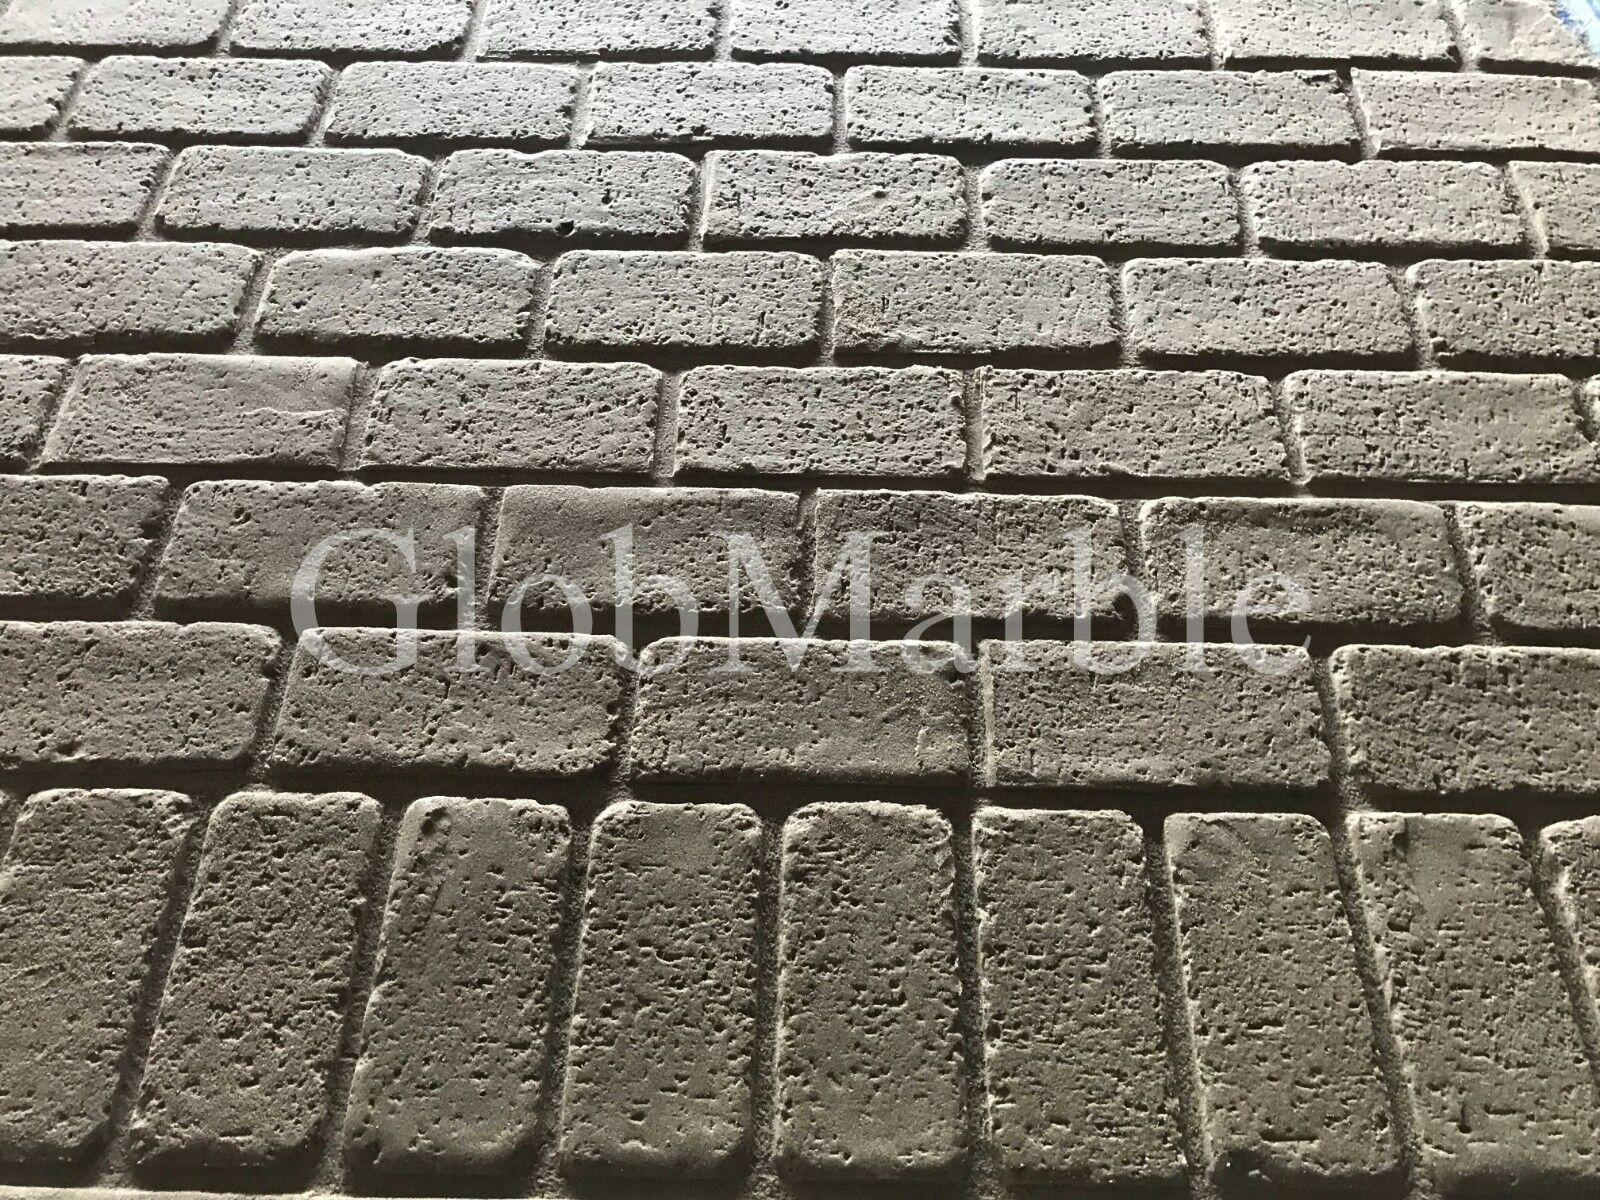 Brick Brick Brick Stone Border Stamp 3 Pc Set SM 4410. Stamped Concrete Brick 4e46fa